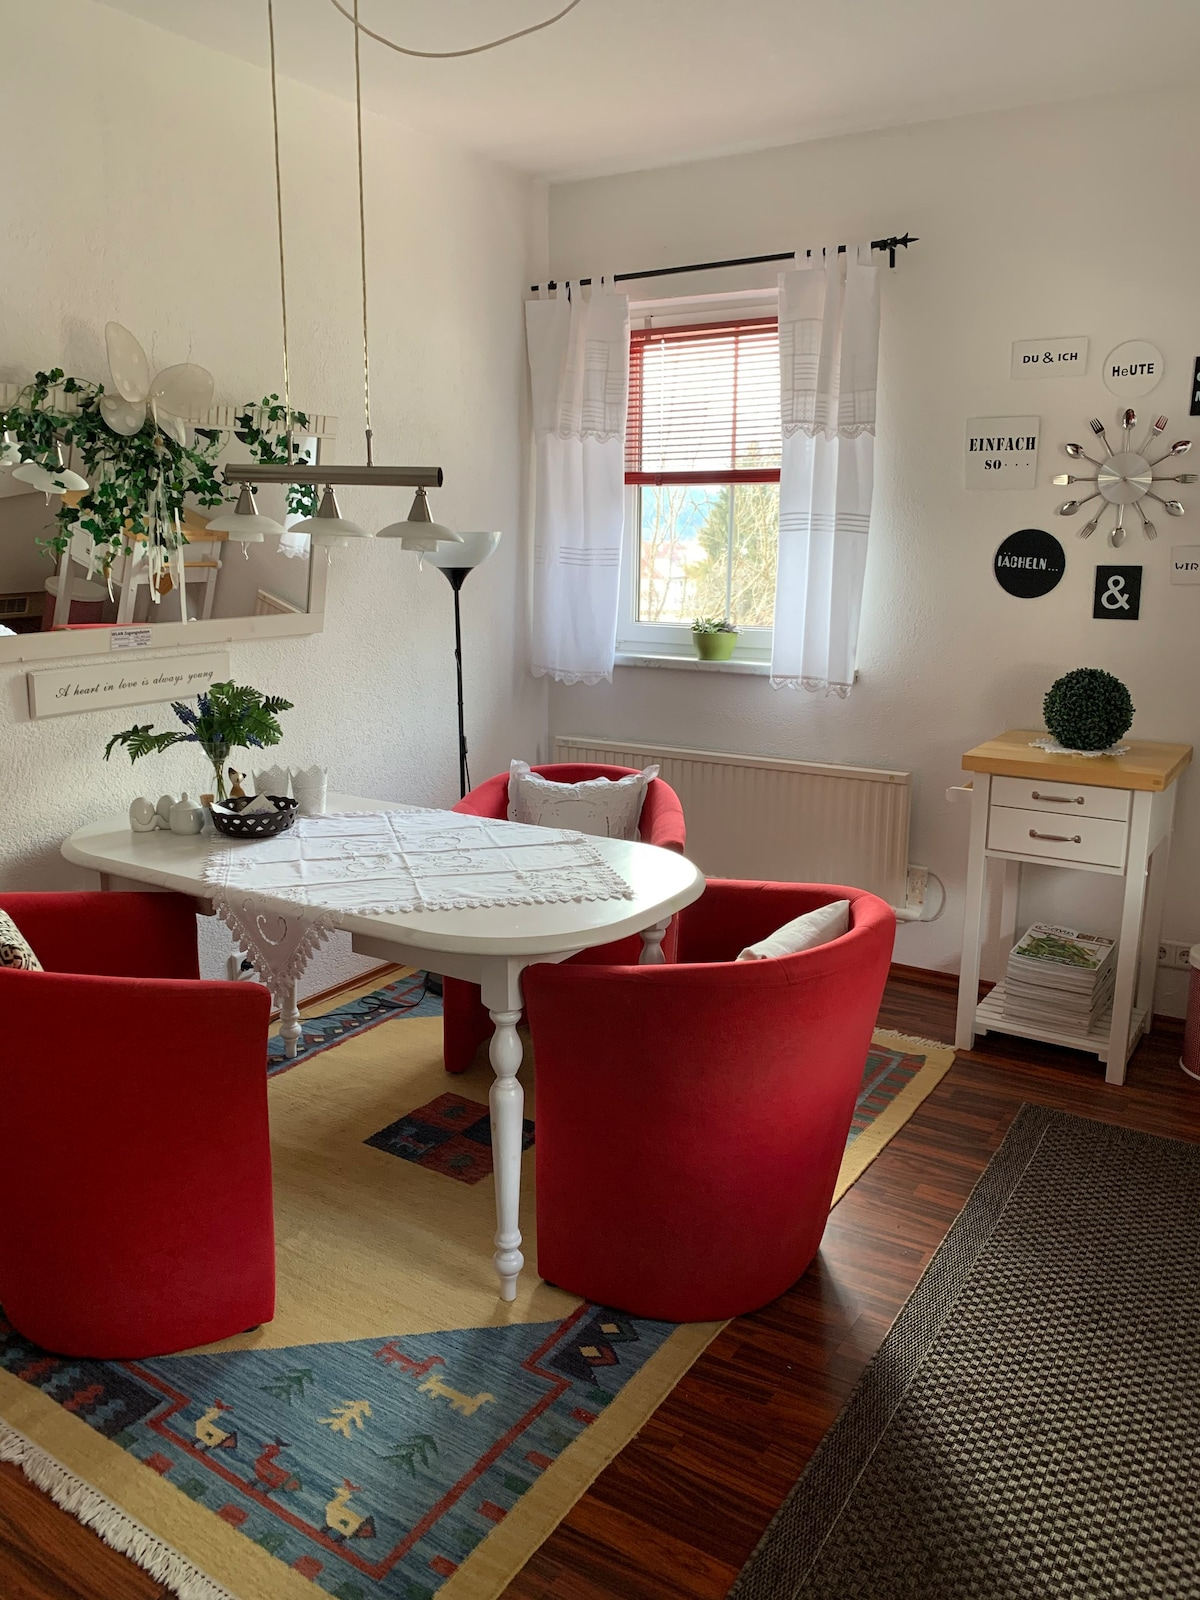 Forolach Vacation Rentals Homes Karnten Austria Airbnb